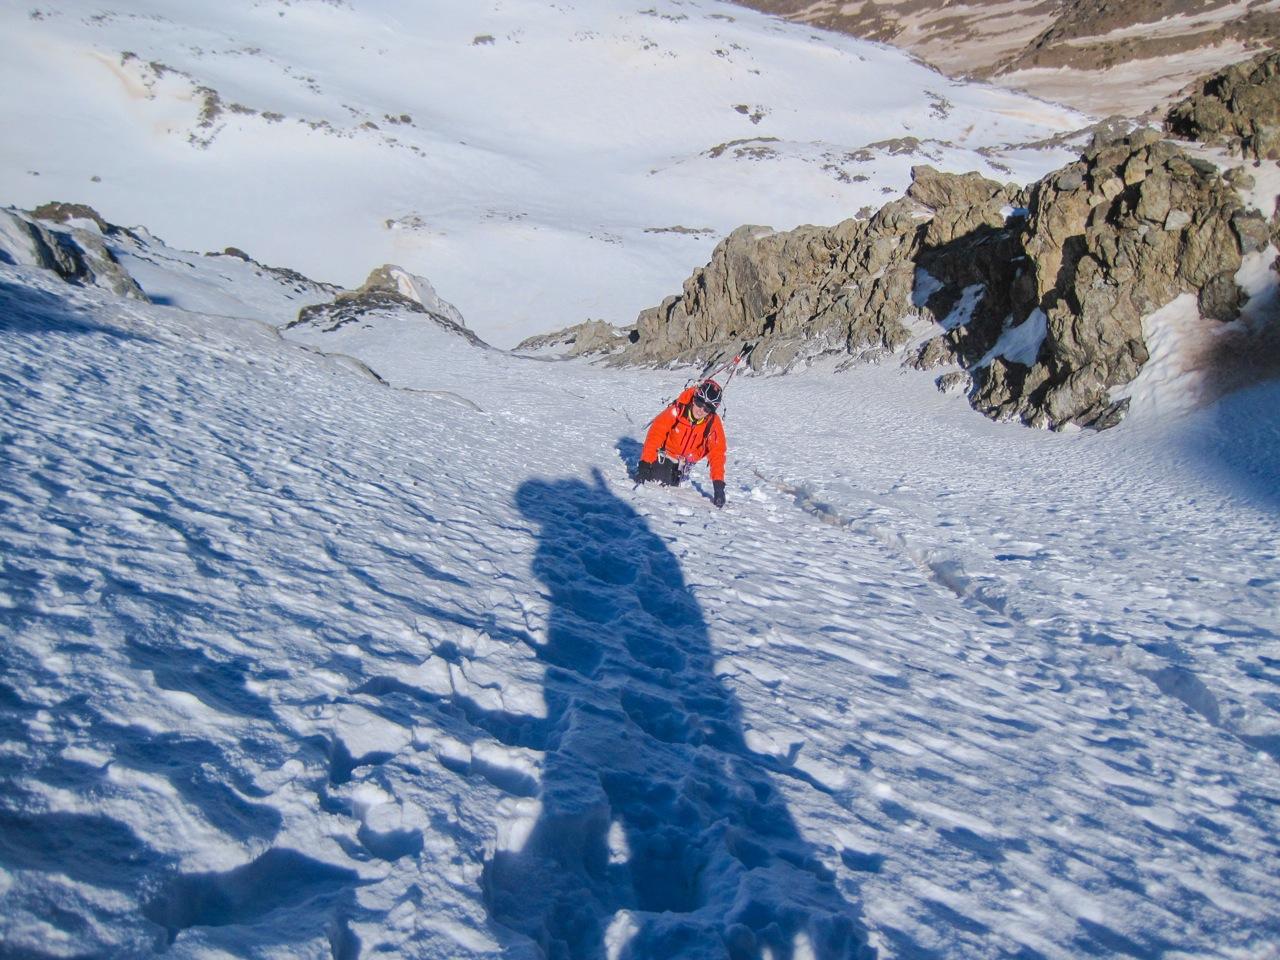 Pablo Velasco: Cara Norte del Mulhacen, clásica con esquís.